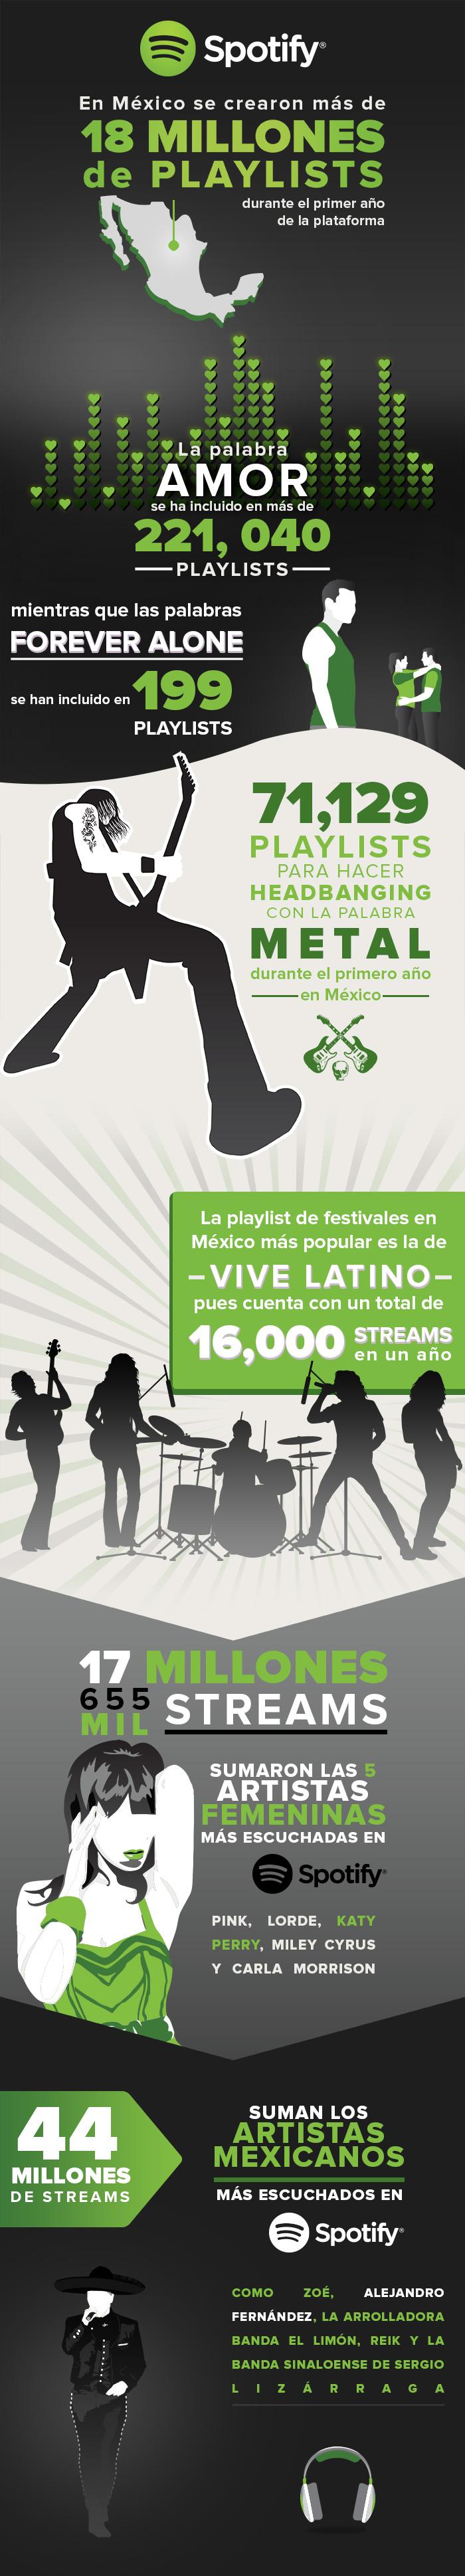 1er aniversario Spotify México